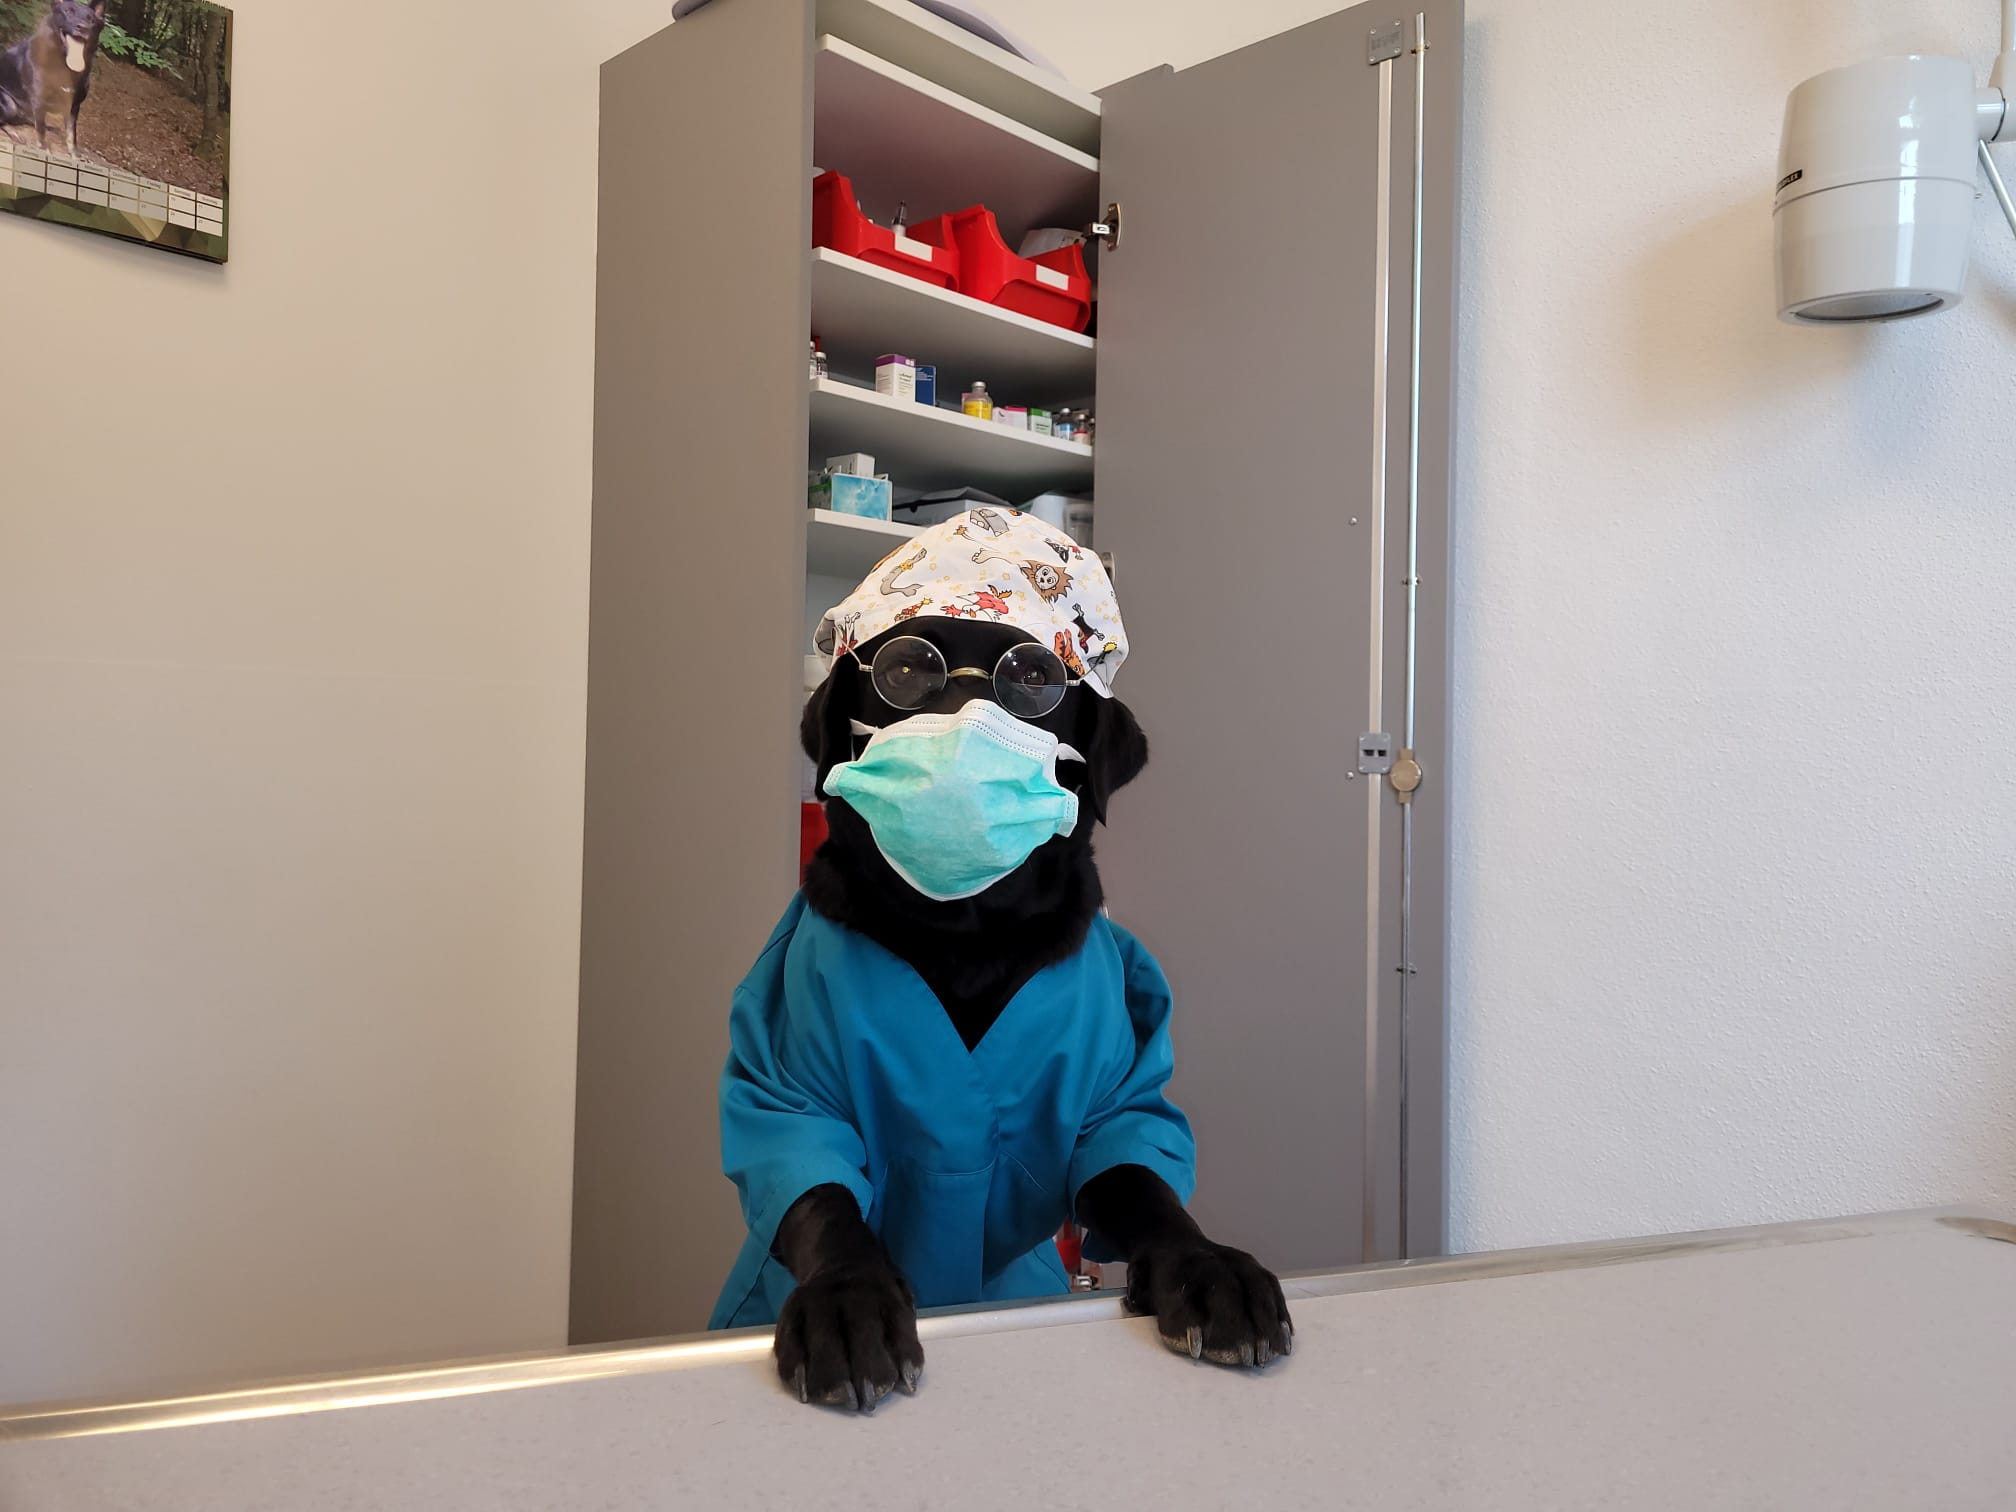 Lehrstelle Tiermedizinische Fachangestellte, offene Stelle, Ausbildung TFA,